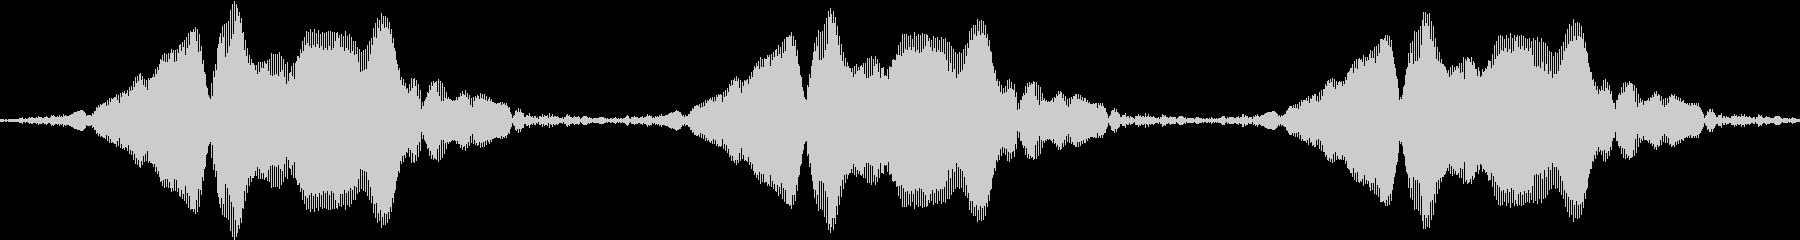 声を消すピー音(ネコの鳴き声バージョン)の未再生の波形